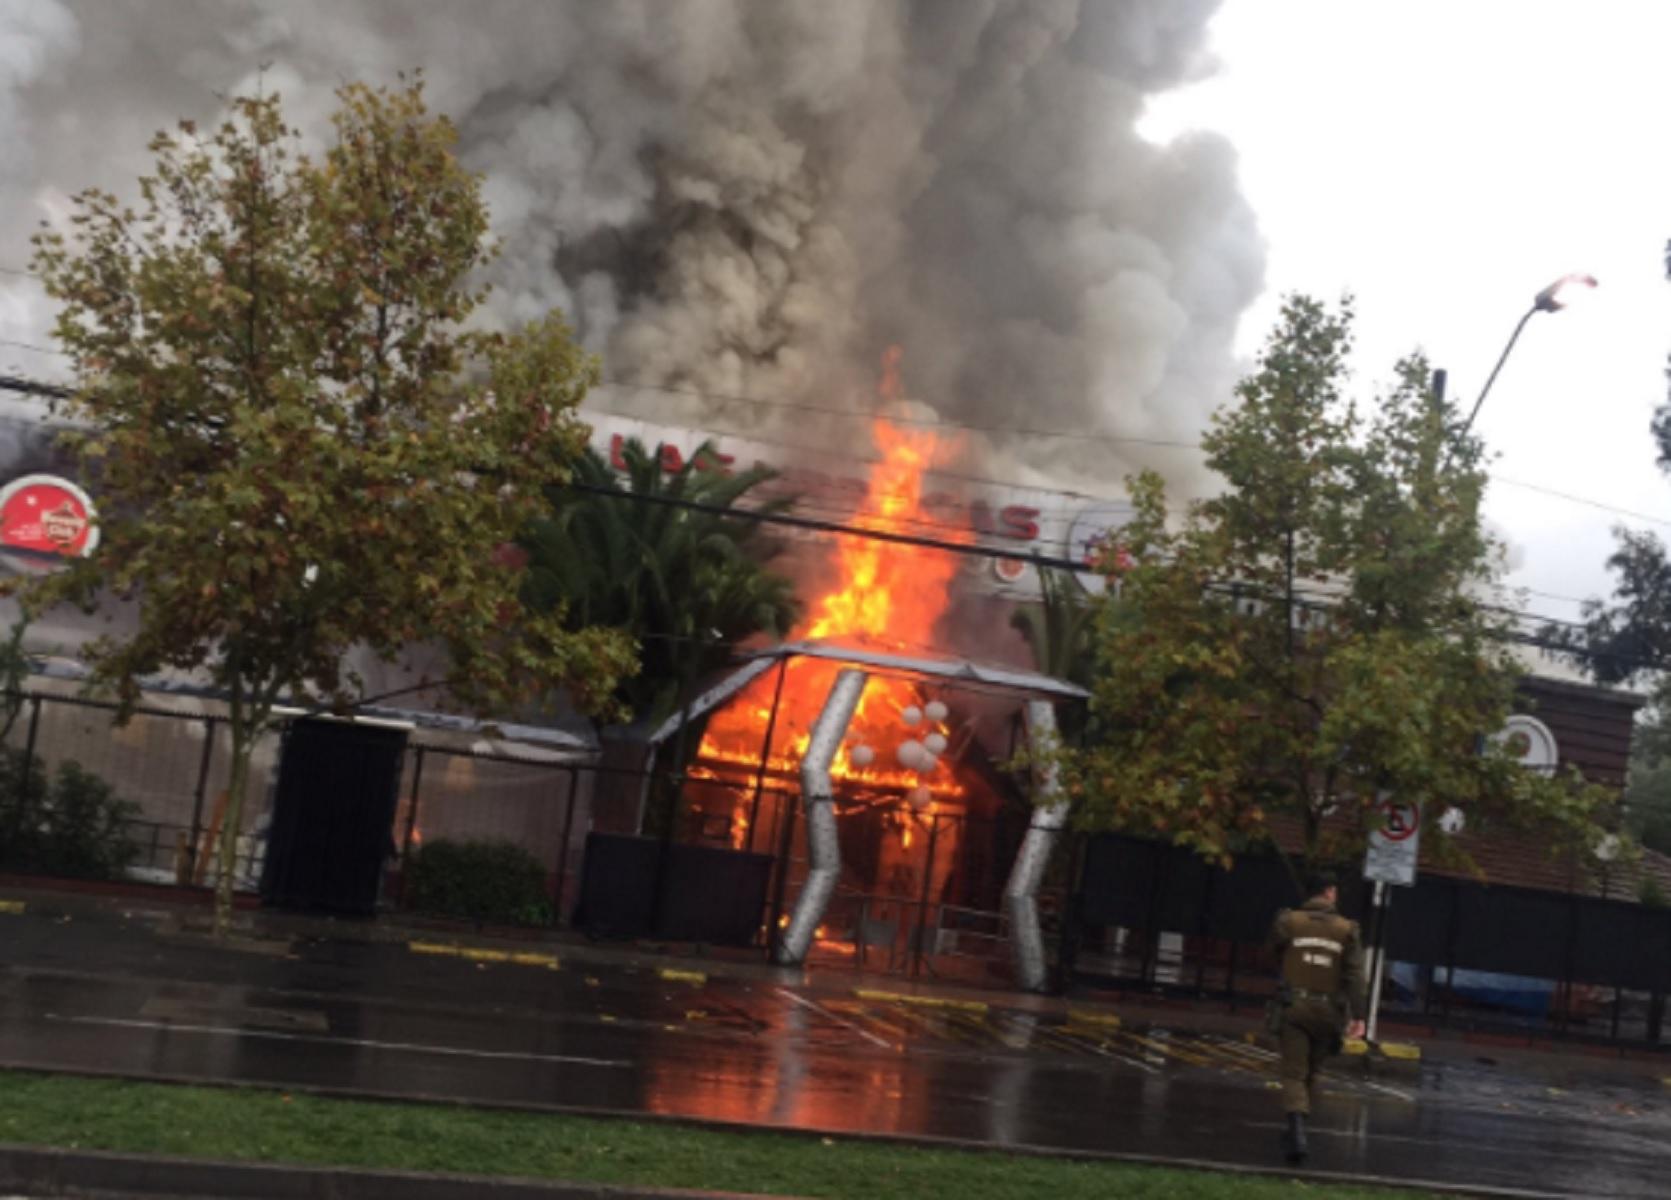 FOTO + VIDEO | Farándula de luto: incendio consume parte importante de la emblemática disco Las Urracas